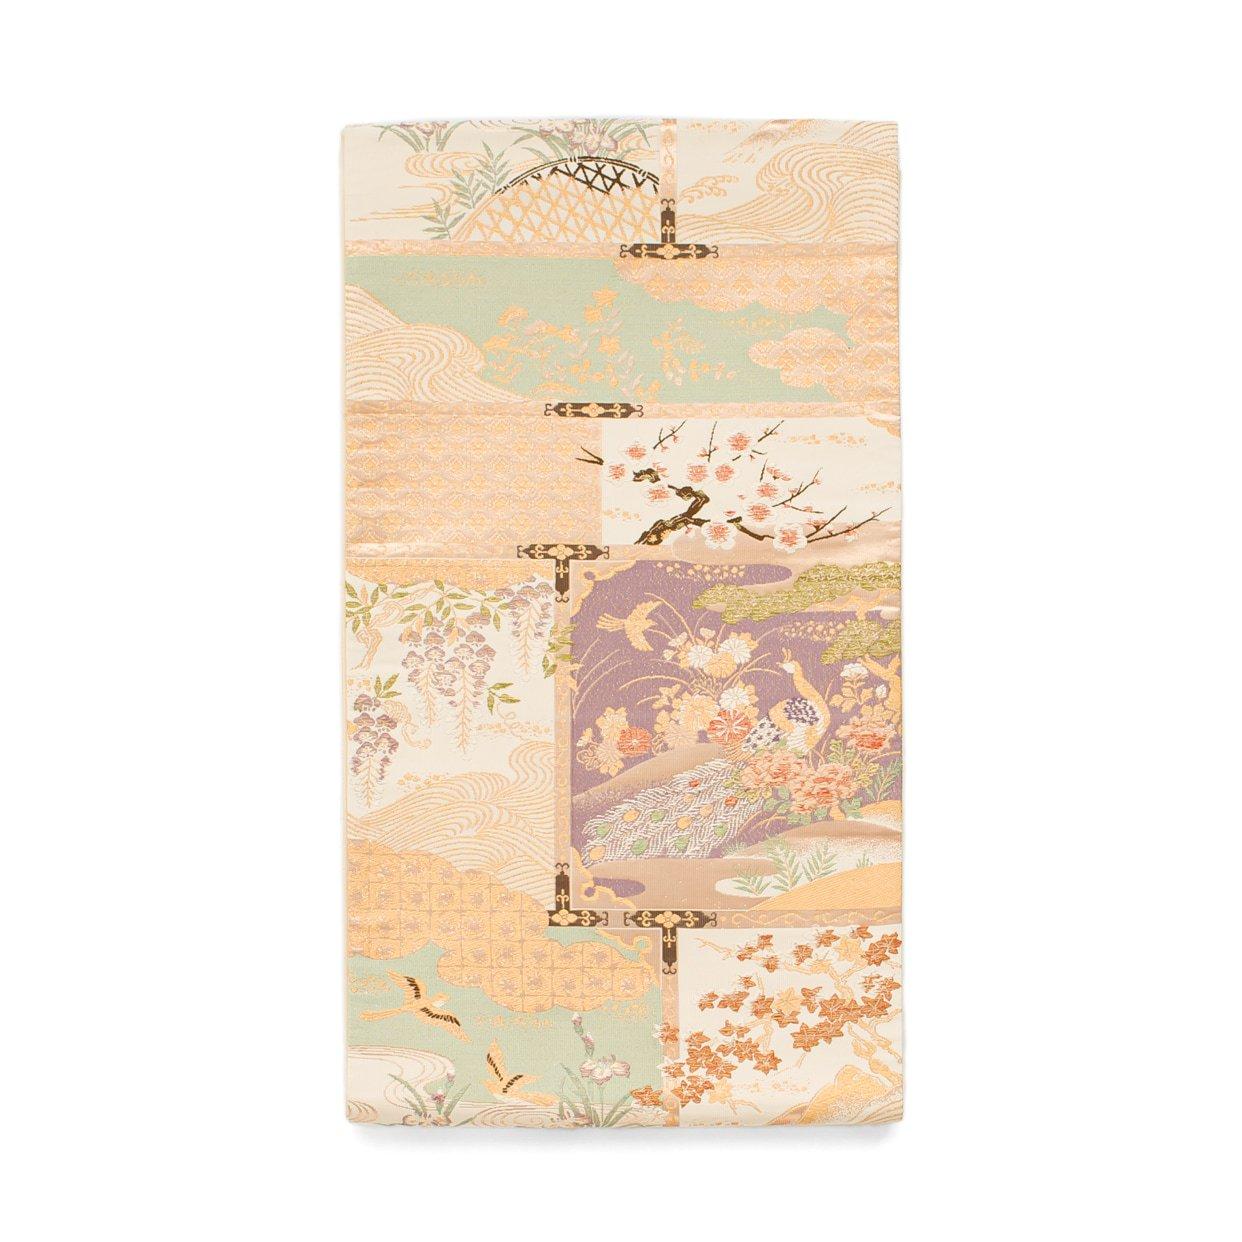 「袋帯●四季花と鳥」の商品画像